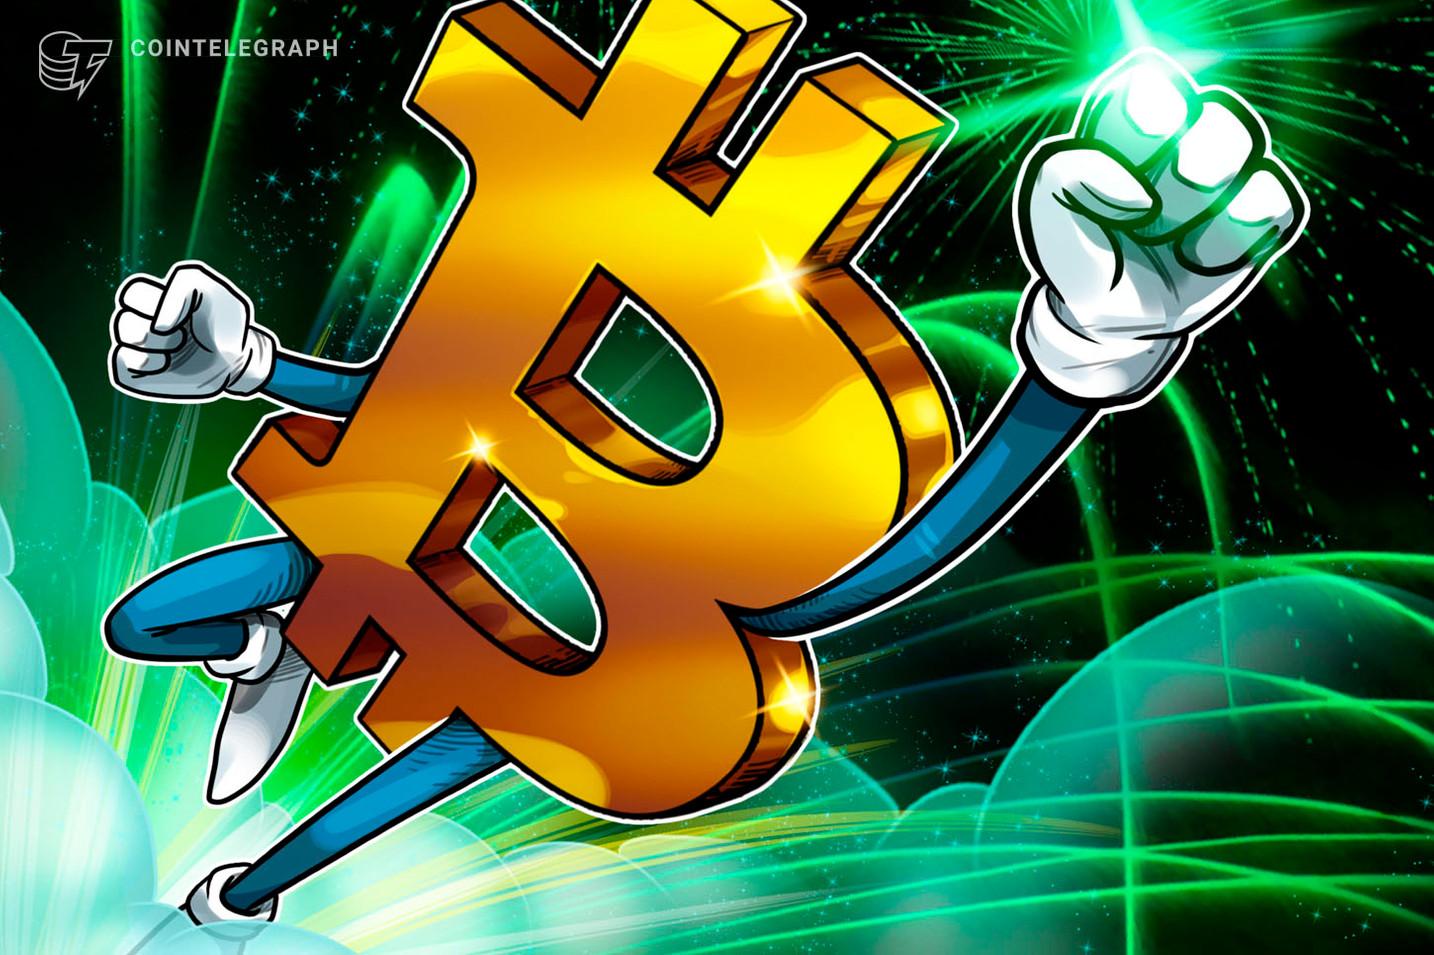 """""""61% de quem investiu em Bitcoin está no lucro"""", afirma equipe de análise de blockchain"""